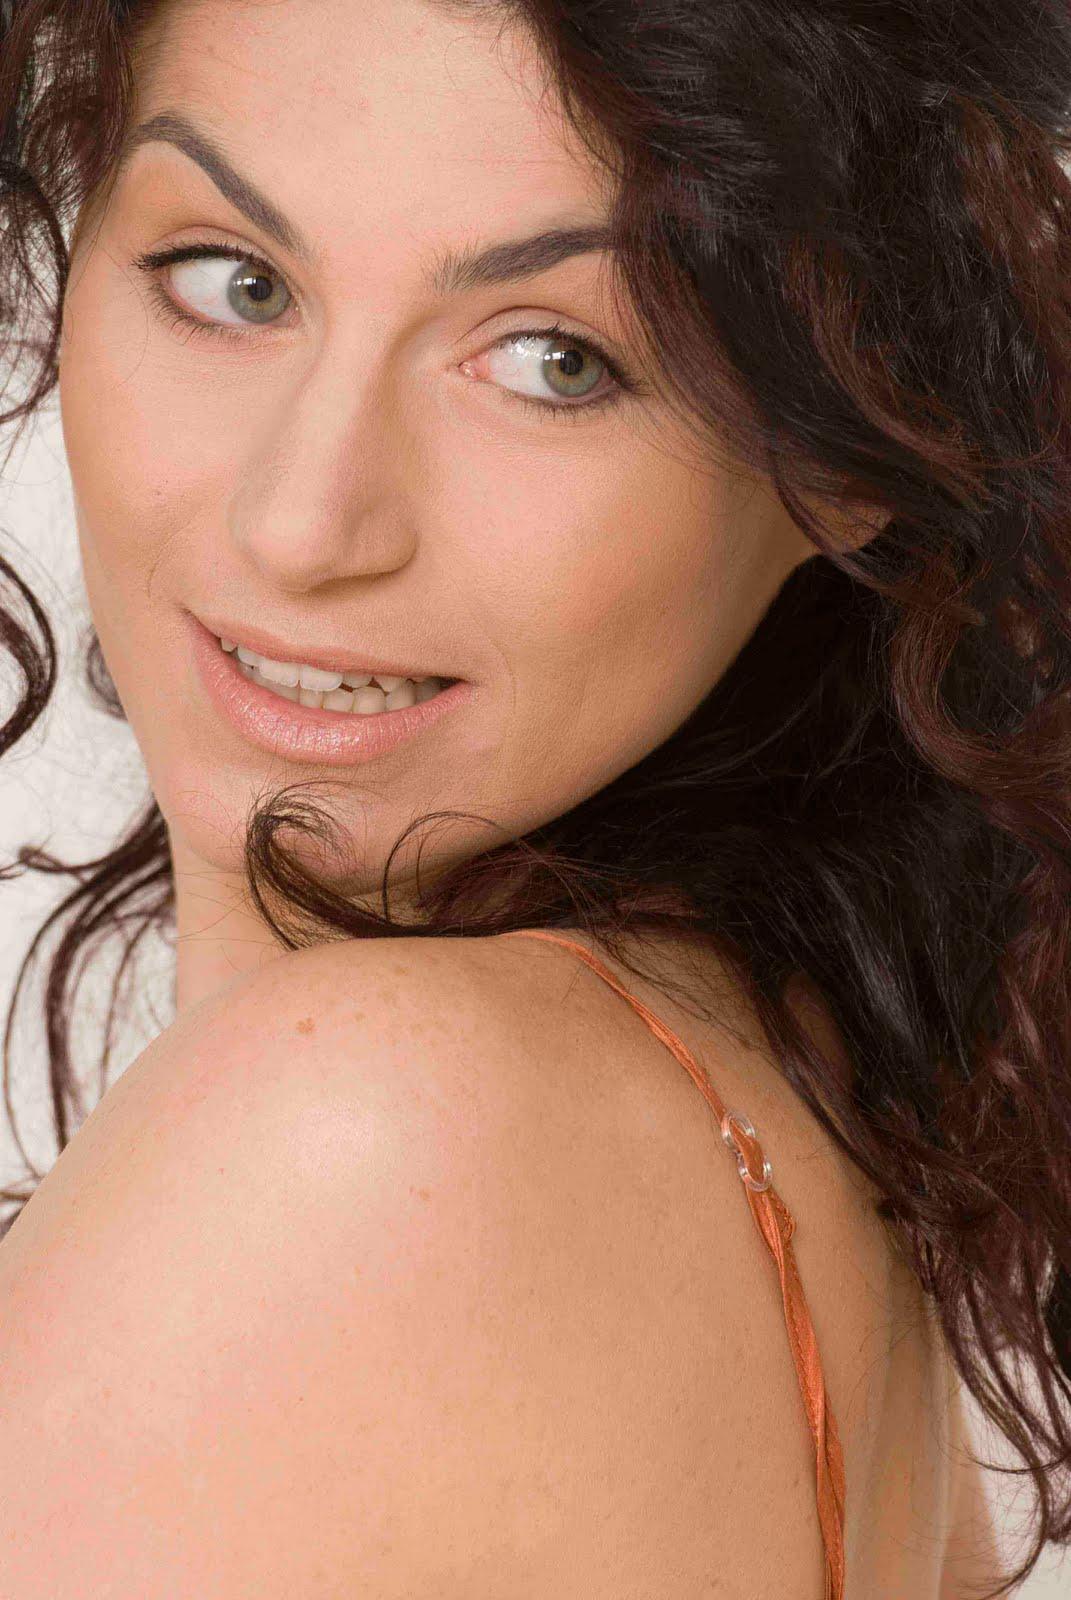 http://2.bp.blogspot.com/-yru3T75lDy8/TVaFgNxVx9I/AAAAAAAAC3A/E9sk3pZ8YdA/s1600/Valeria%2BMonetti2.jpg